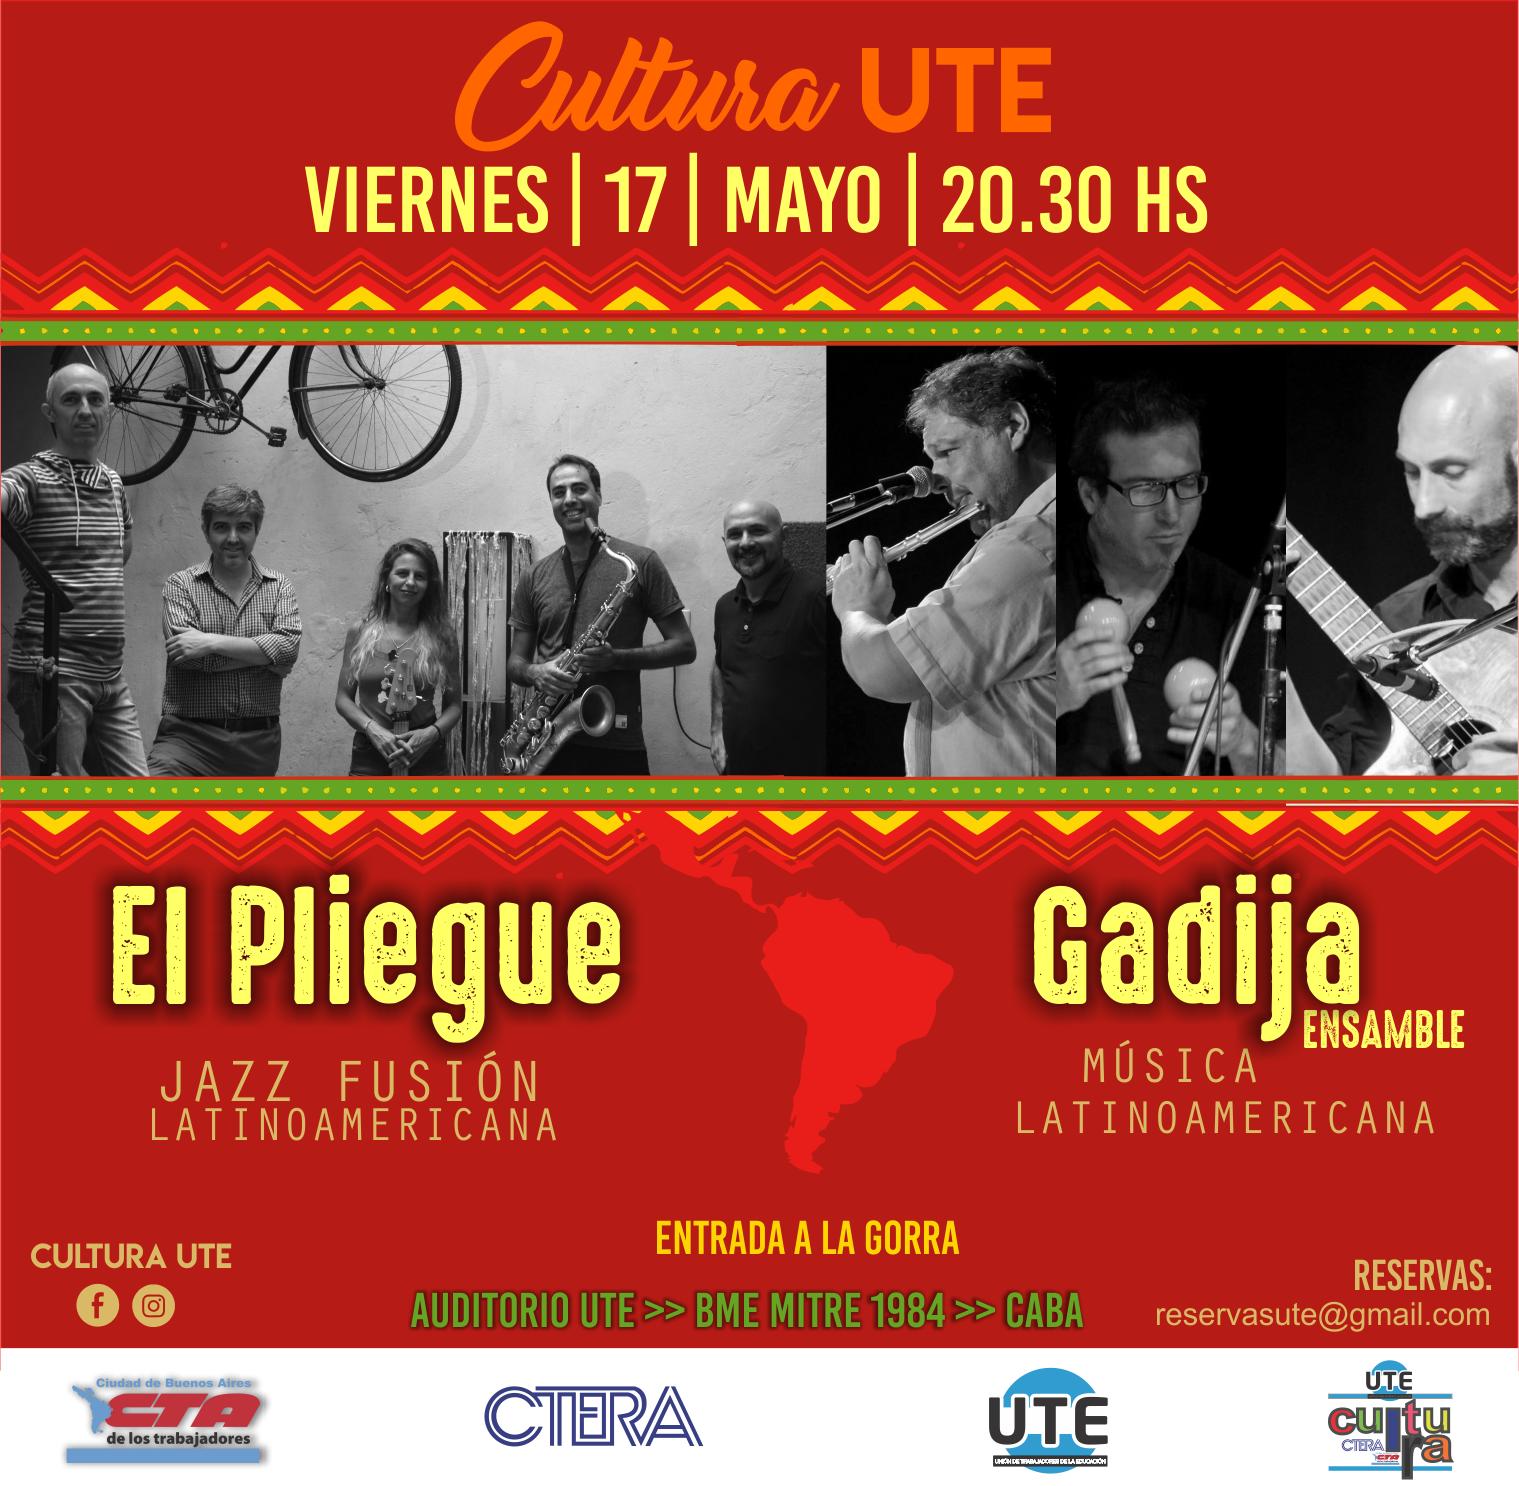 El Piegue + Gadija Ensamble - Viernes 17 de Mayo en UTE - 20:30hs